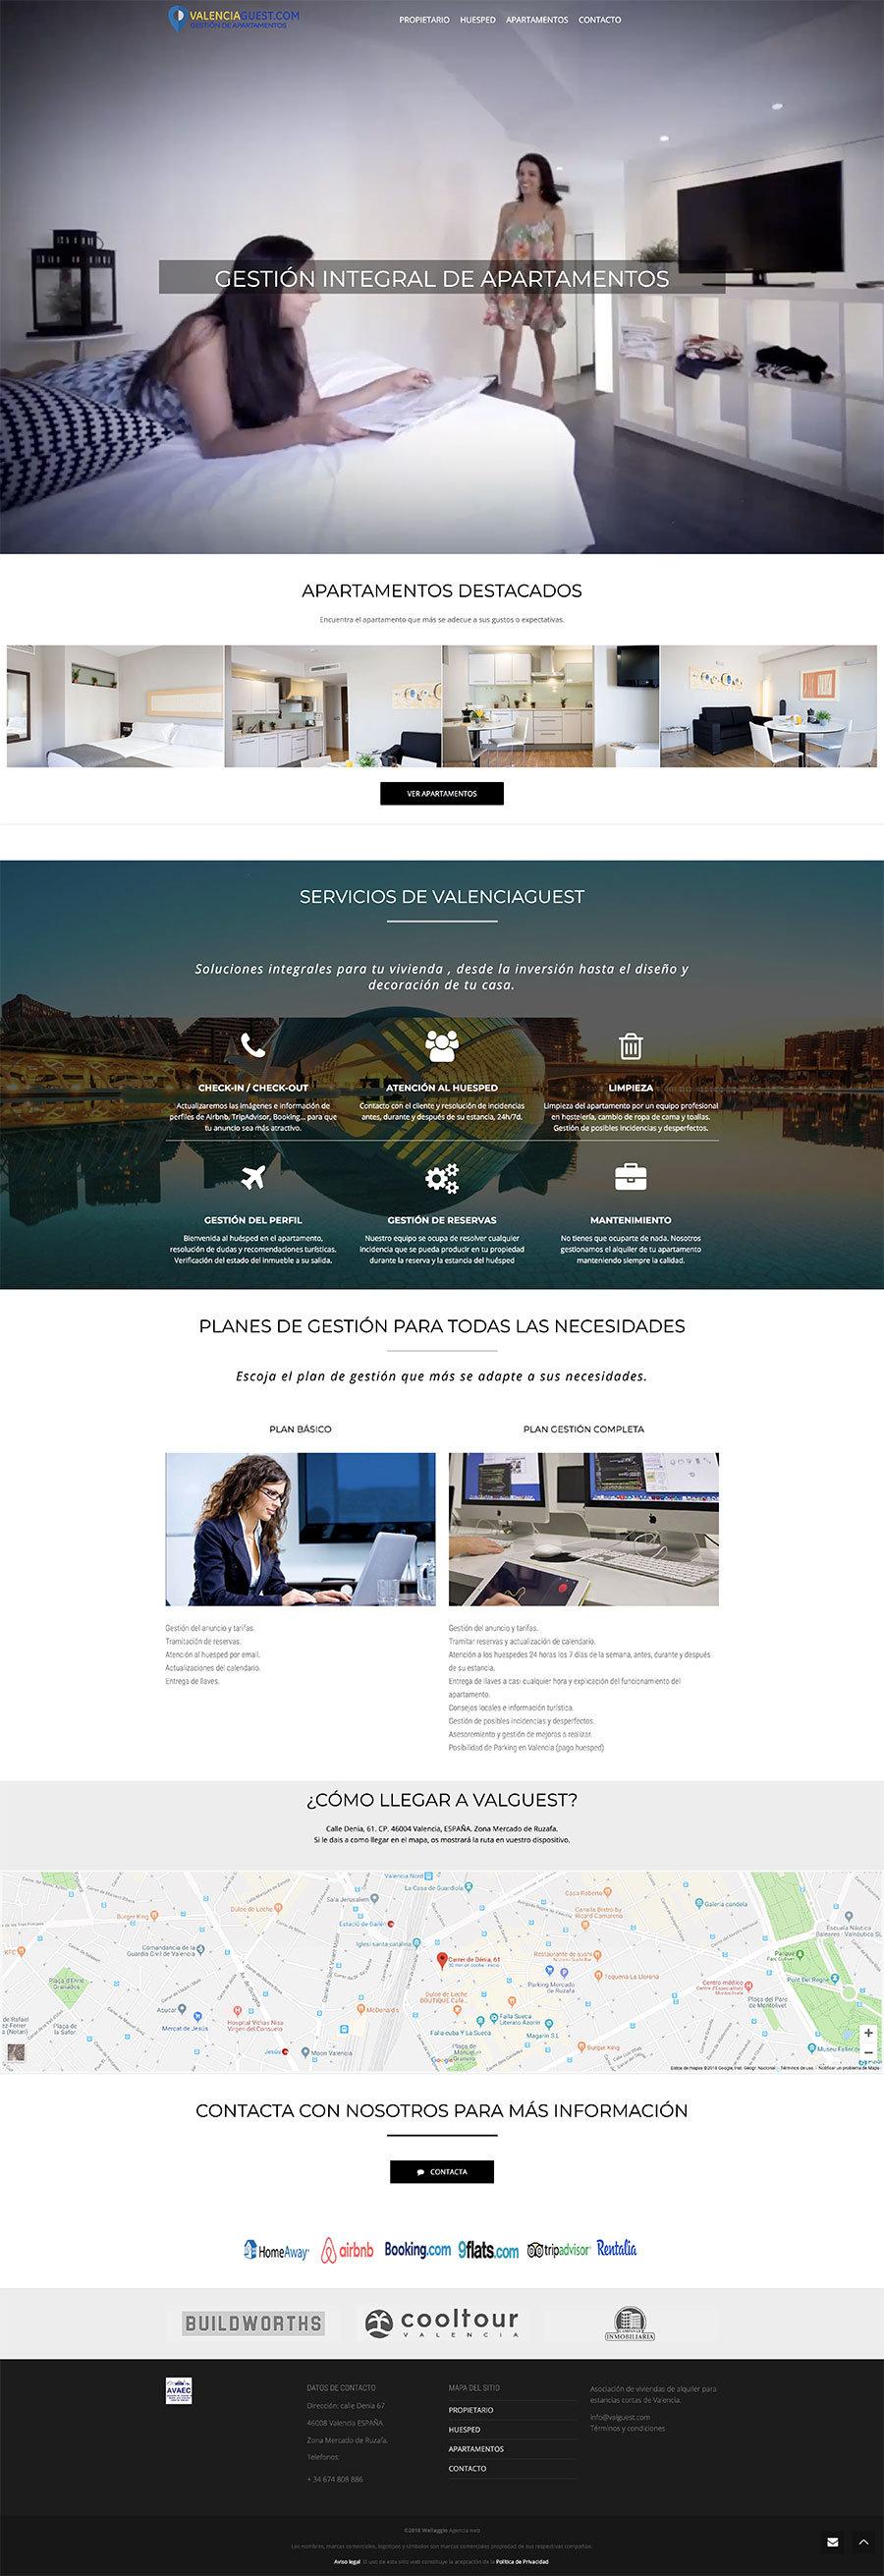 Wellaggio-diseño-web-valencia-valenciaguest-2018-08-16-13_25_27